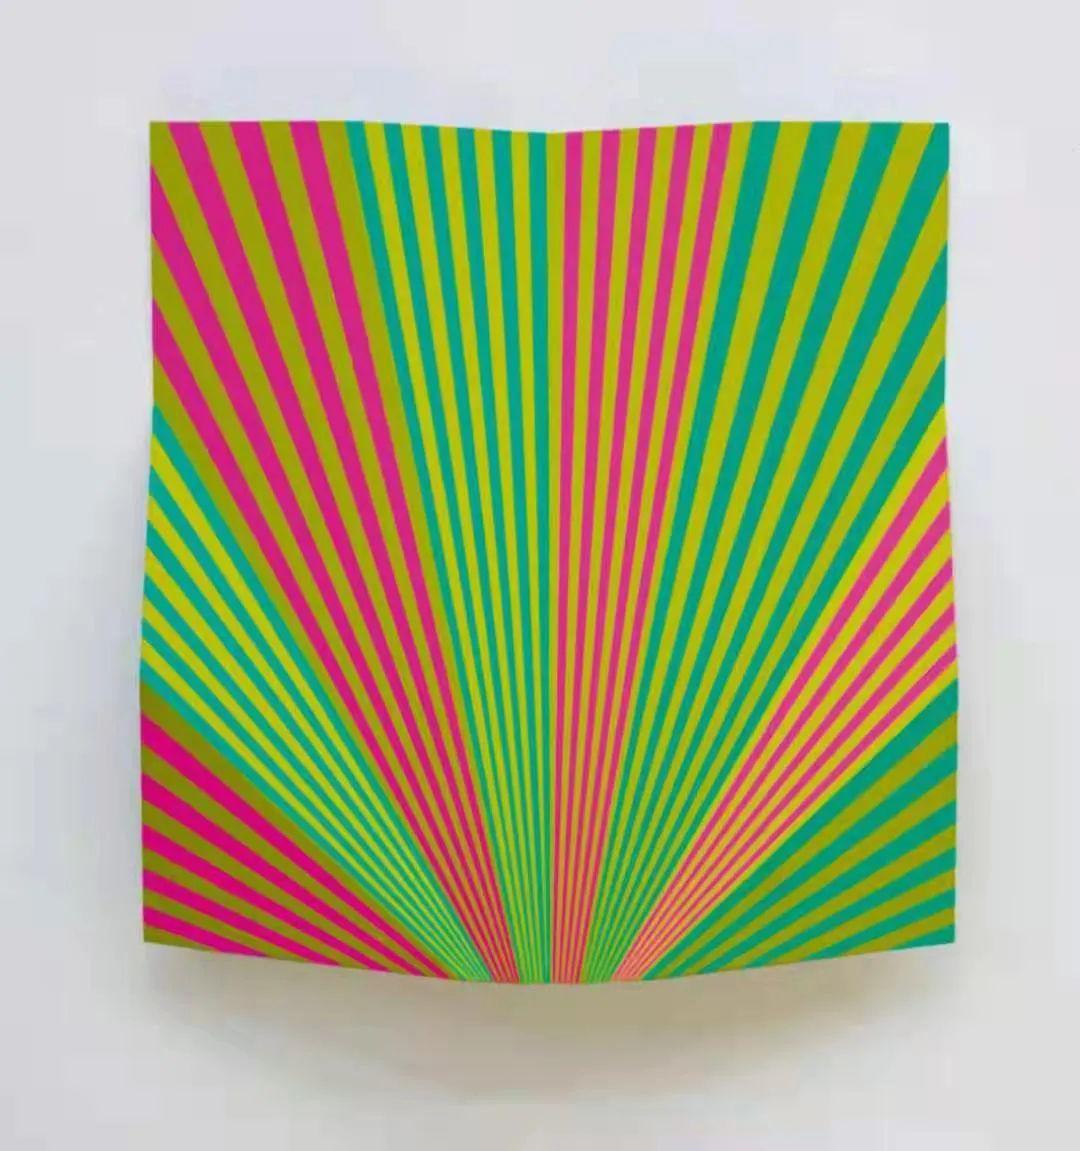 《德国抽象艺术三人展》在波恩精彩呈现插图15